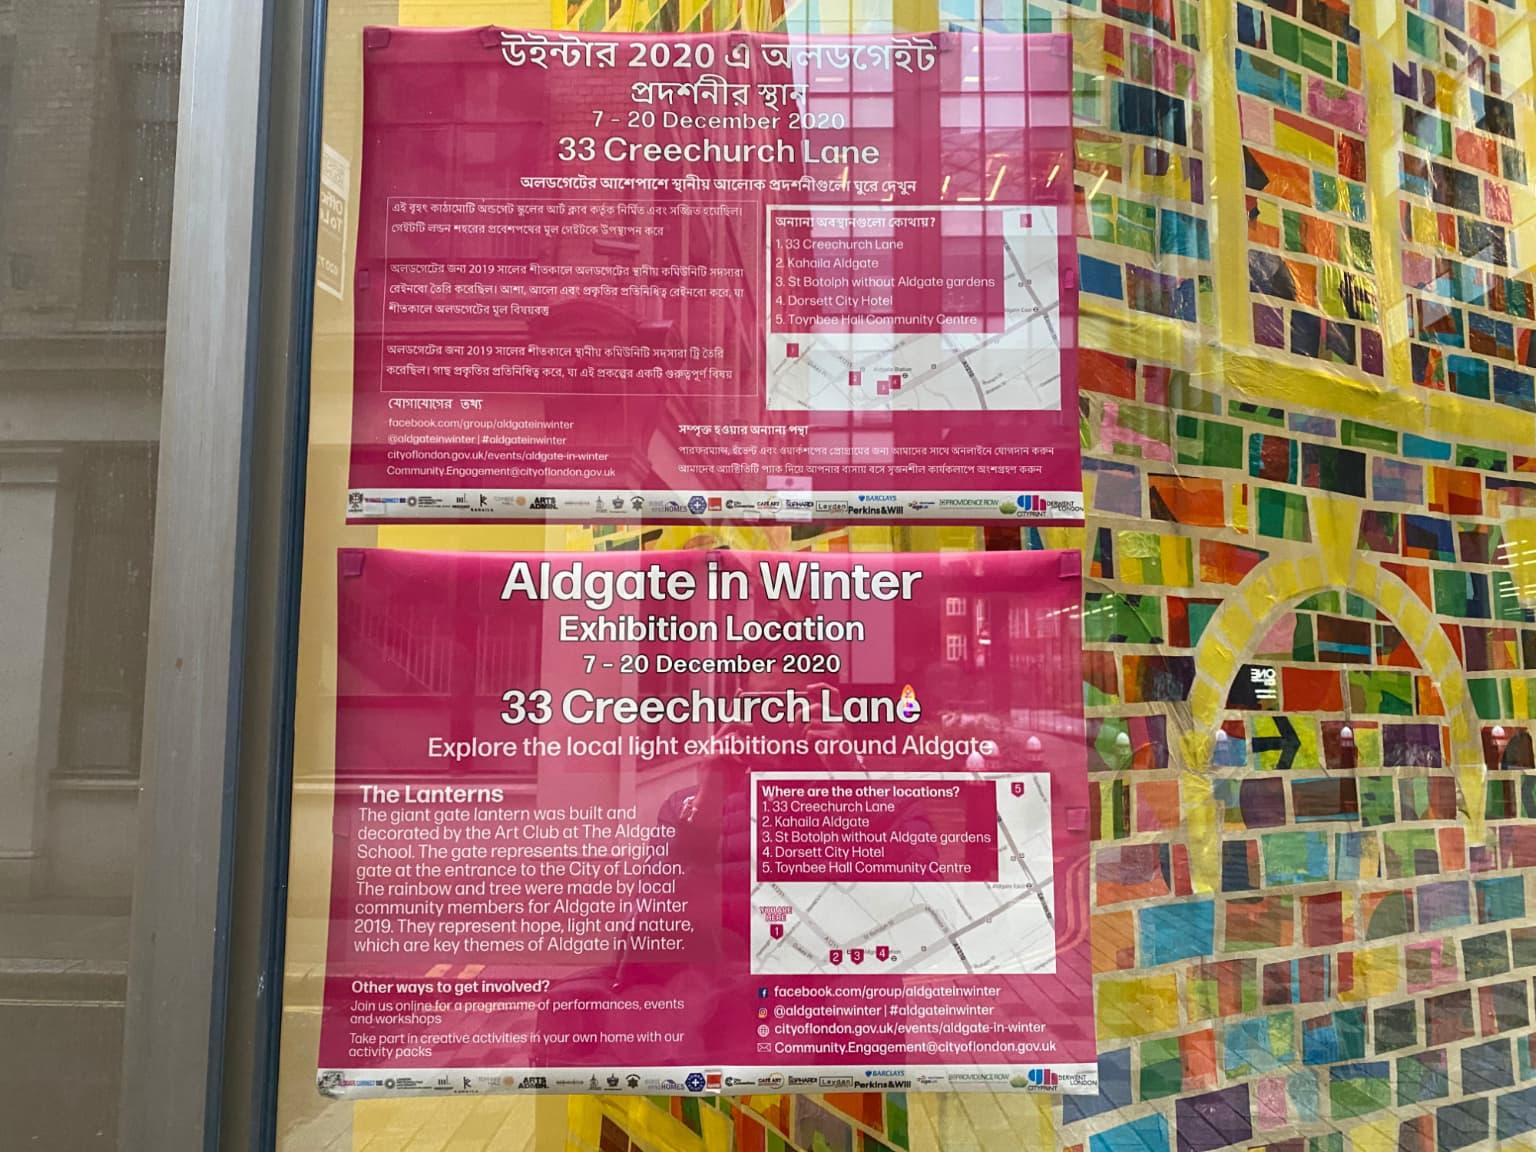 33 Creechurch Lane Ald-Gate Lantern display notice